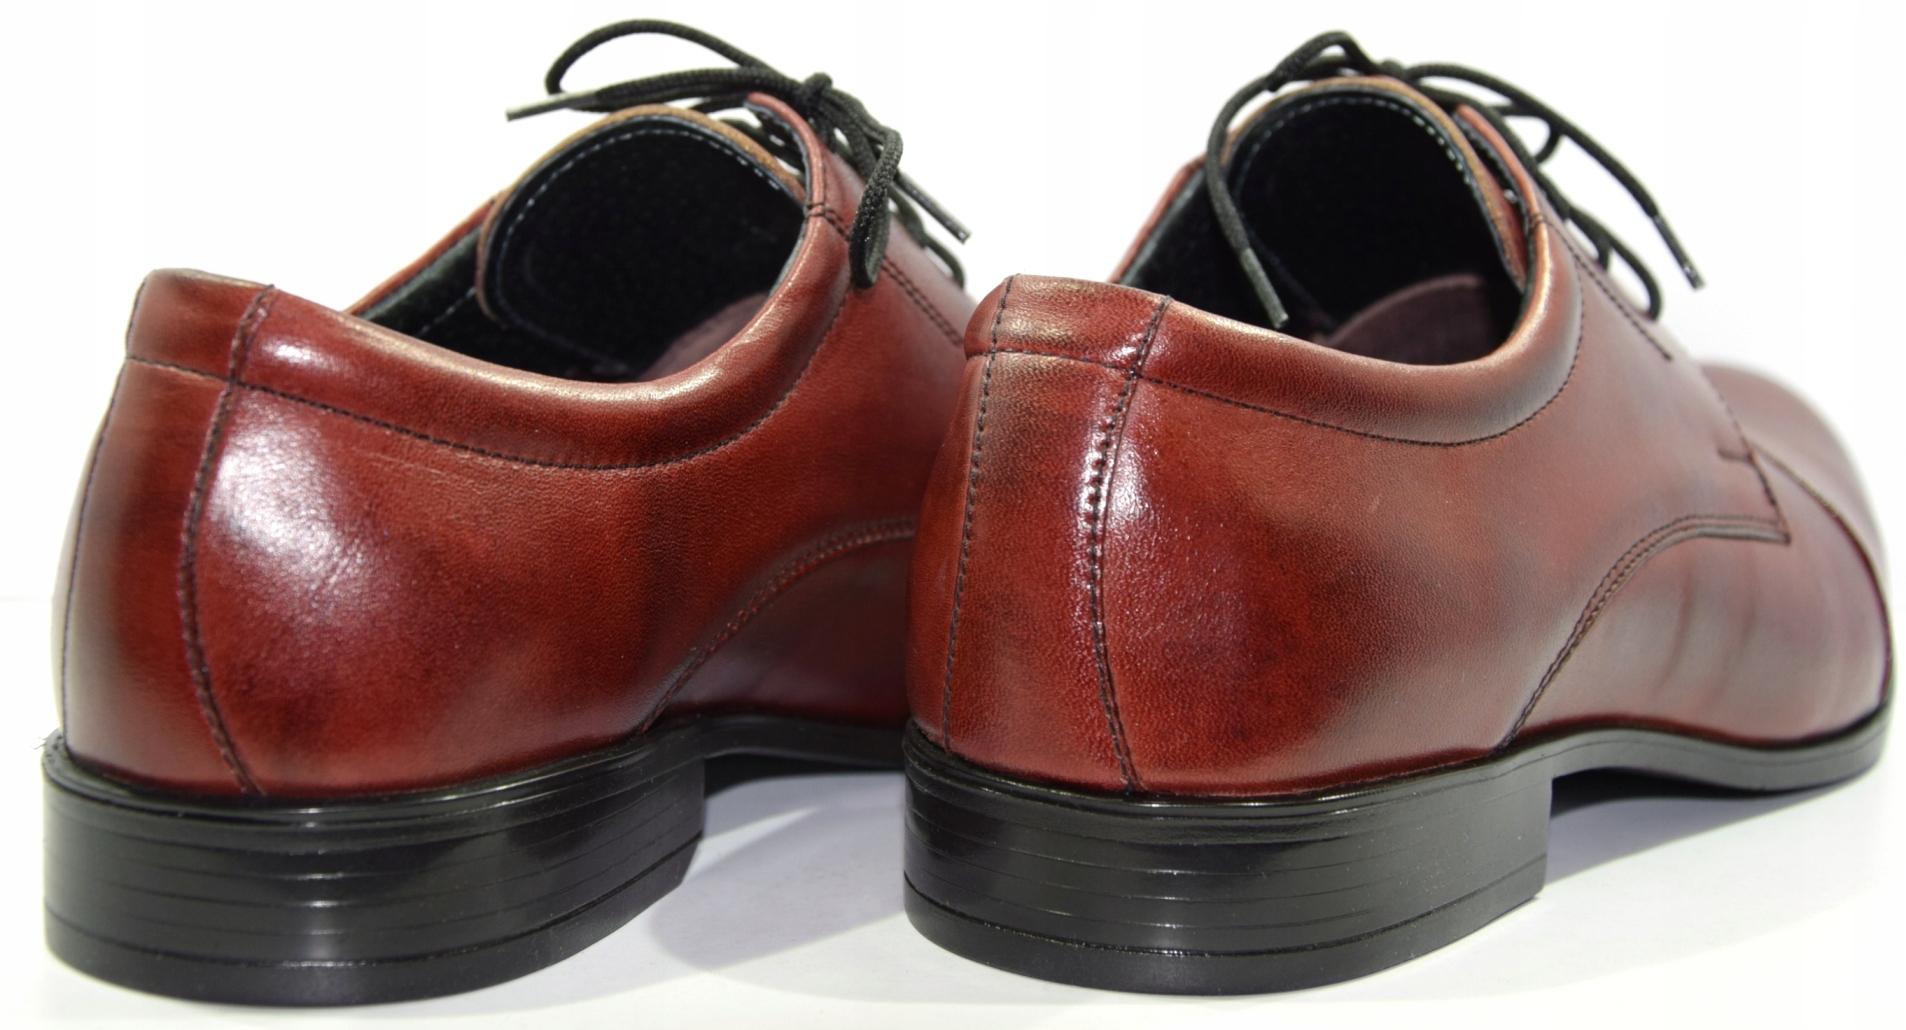 77536e87241f2 Obuwie męskie polskie buty Moskała bordo 632 R.43 - 7272102592 - oficjalne  archiwum allegro